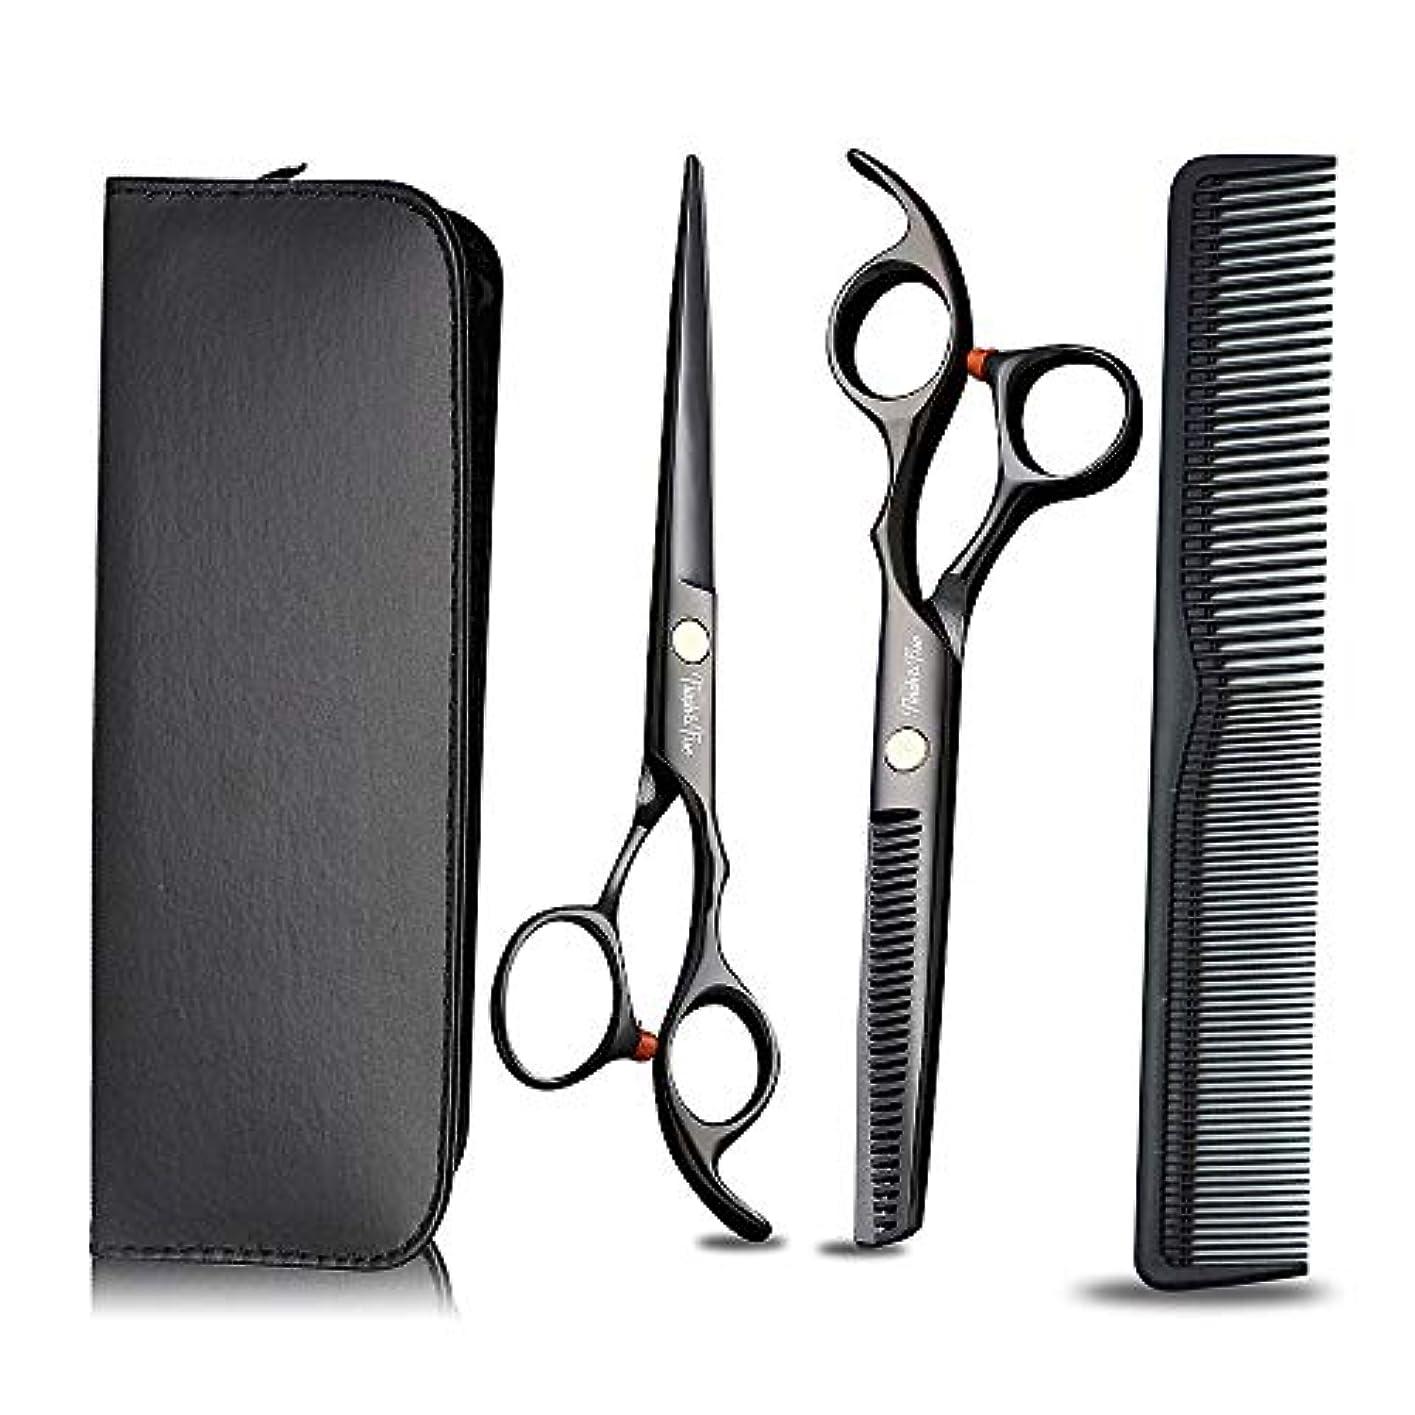 悲観主義者だらしない製品プロの理髪はさみと髪の洗練はさみをサロンの理髪店と家庭用に設定、黒